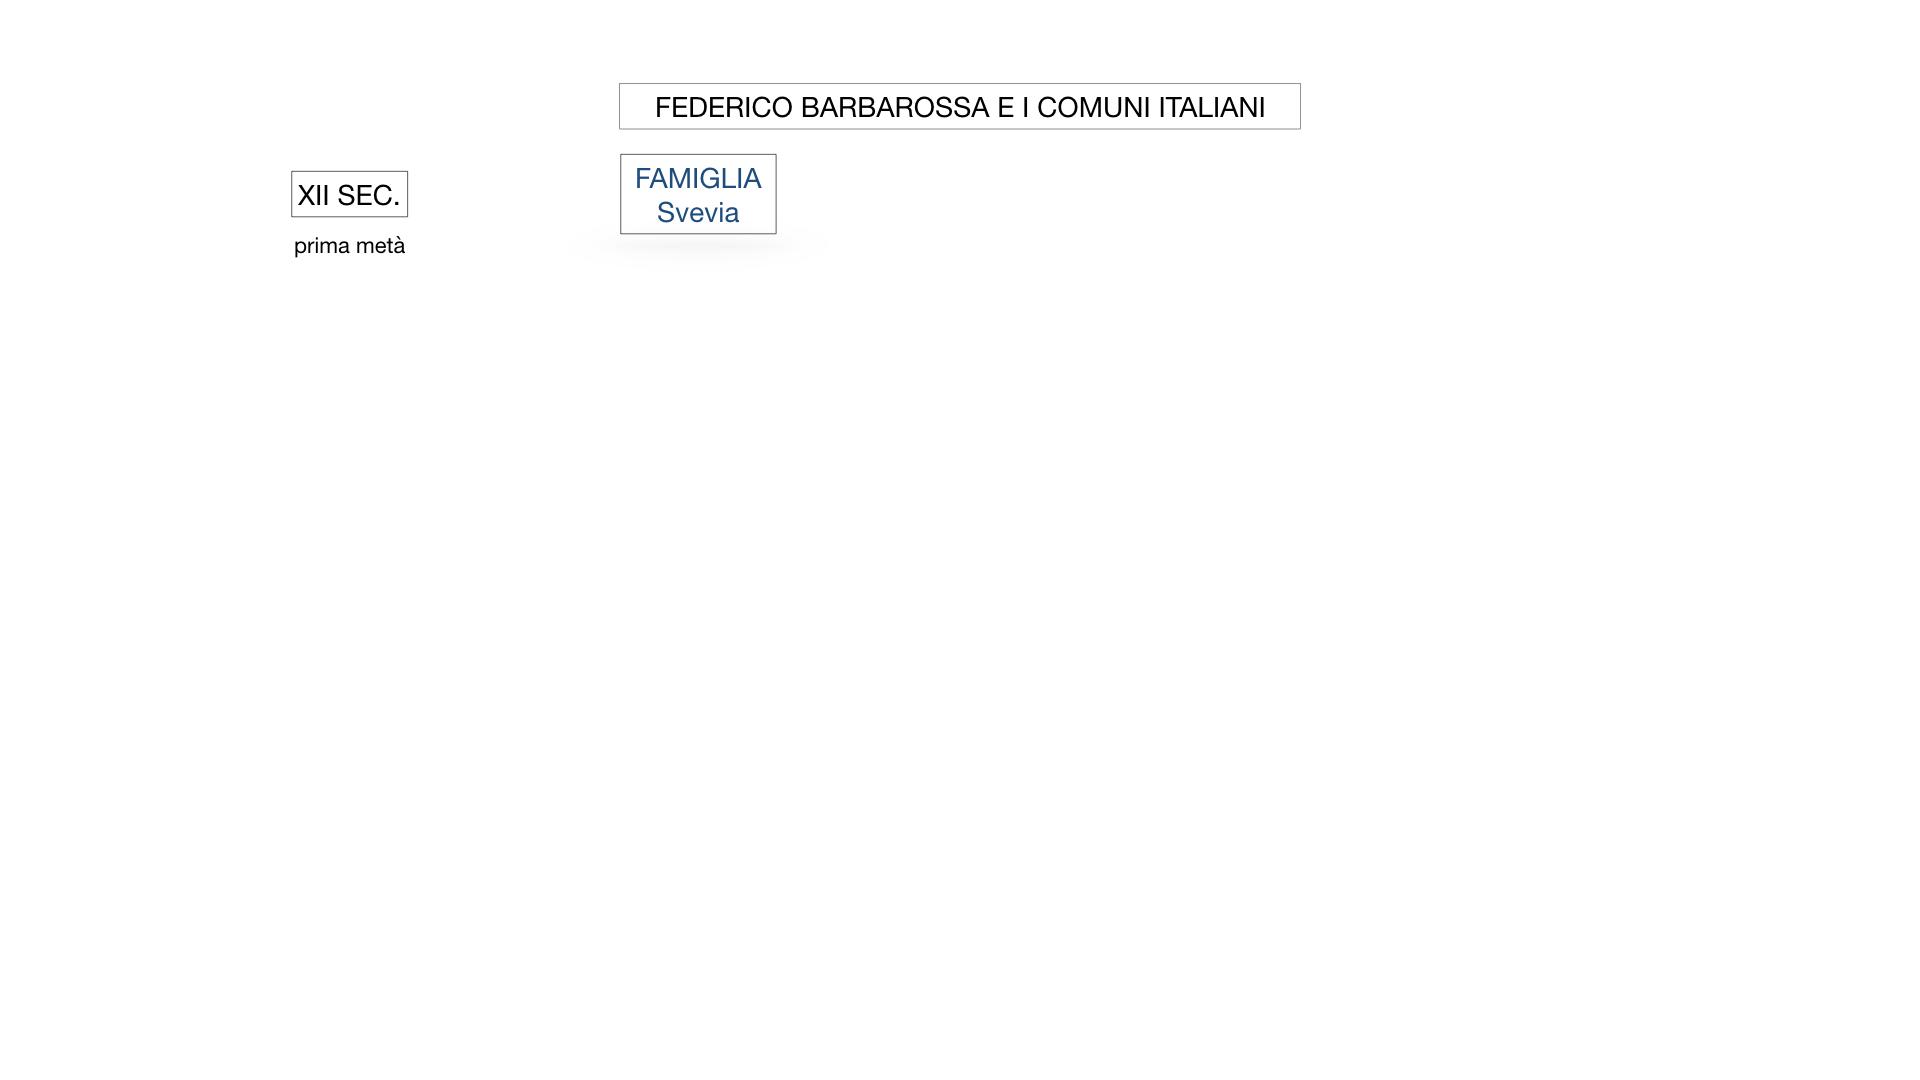 STORIA FEDERICO BARBAROSSA-MOVIMENTI RELIGIOSI_SIMULAZIONE_estesa.003